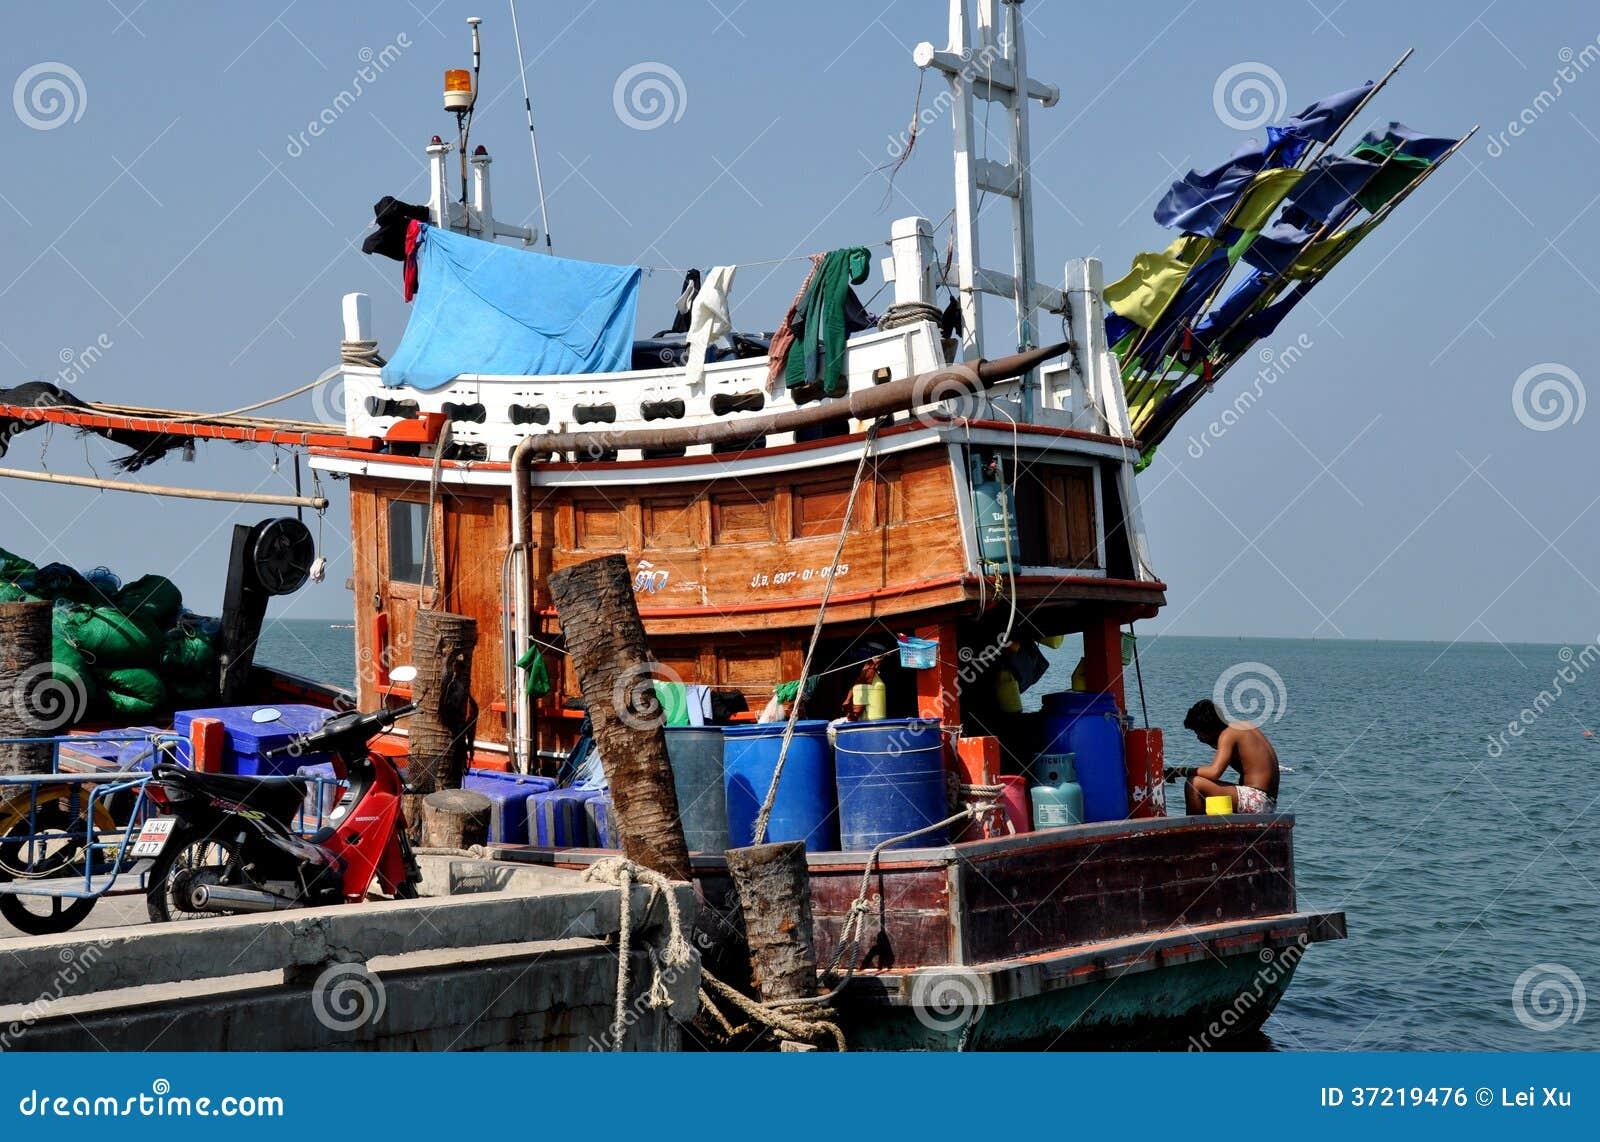 Bang Saen, Thailand: Fishing Boat At Sapan Pla Pier Editorial Photo - Image: 37219476